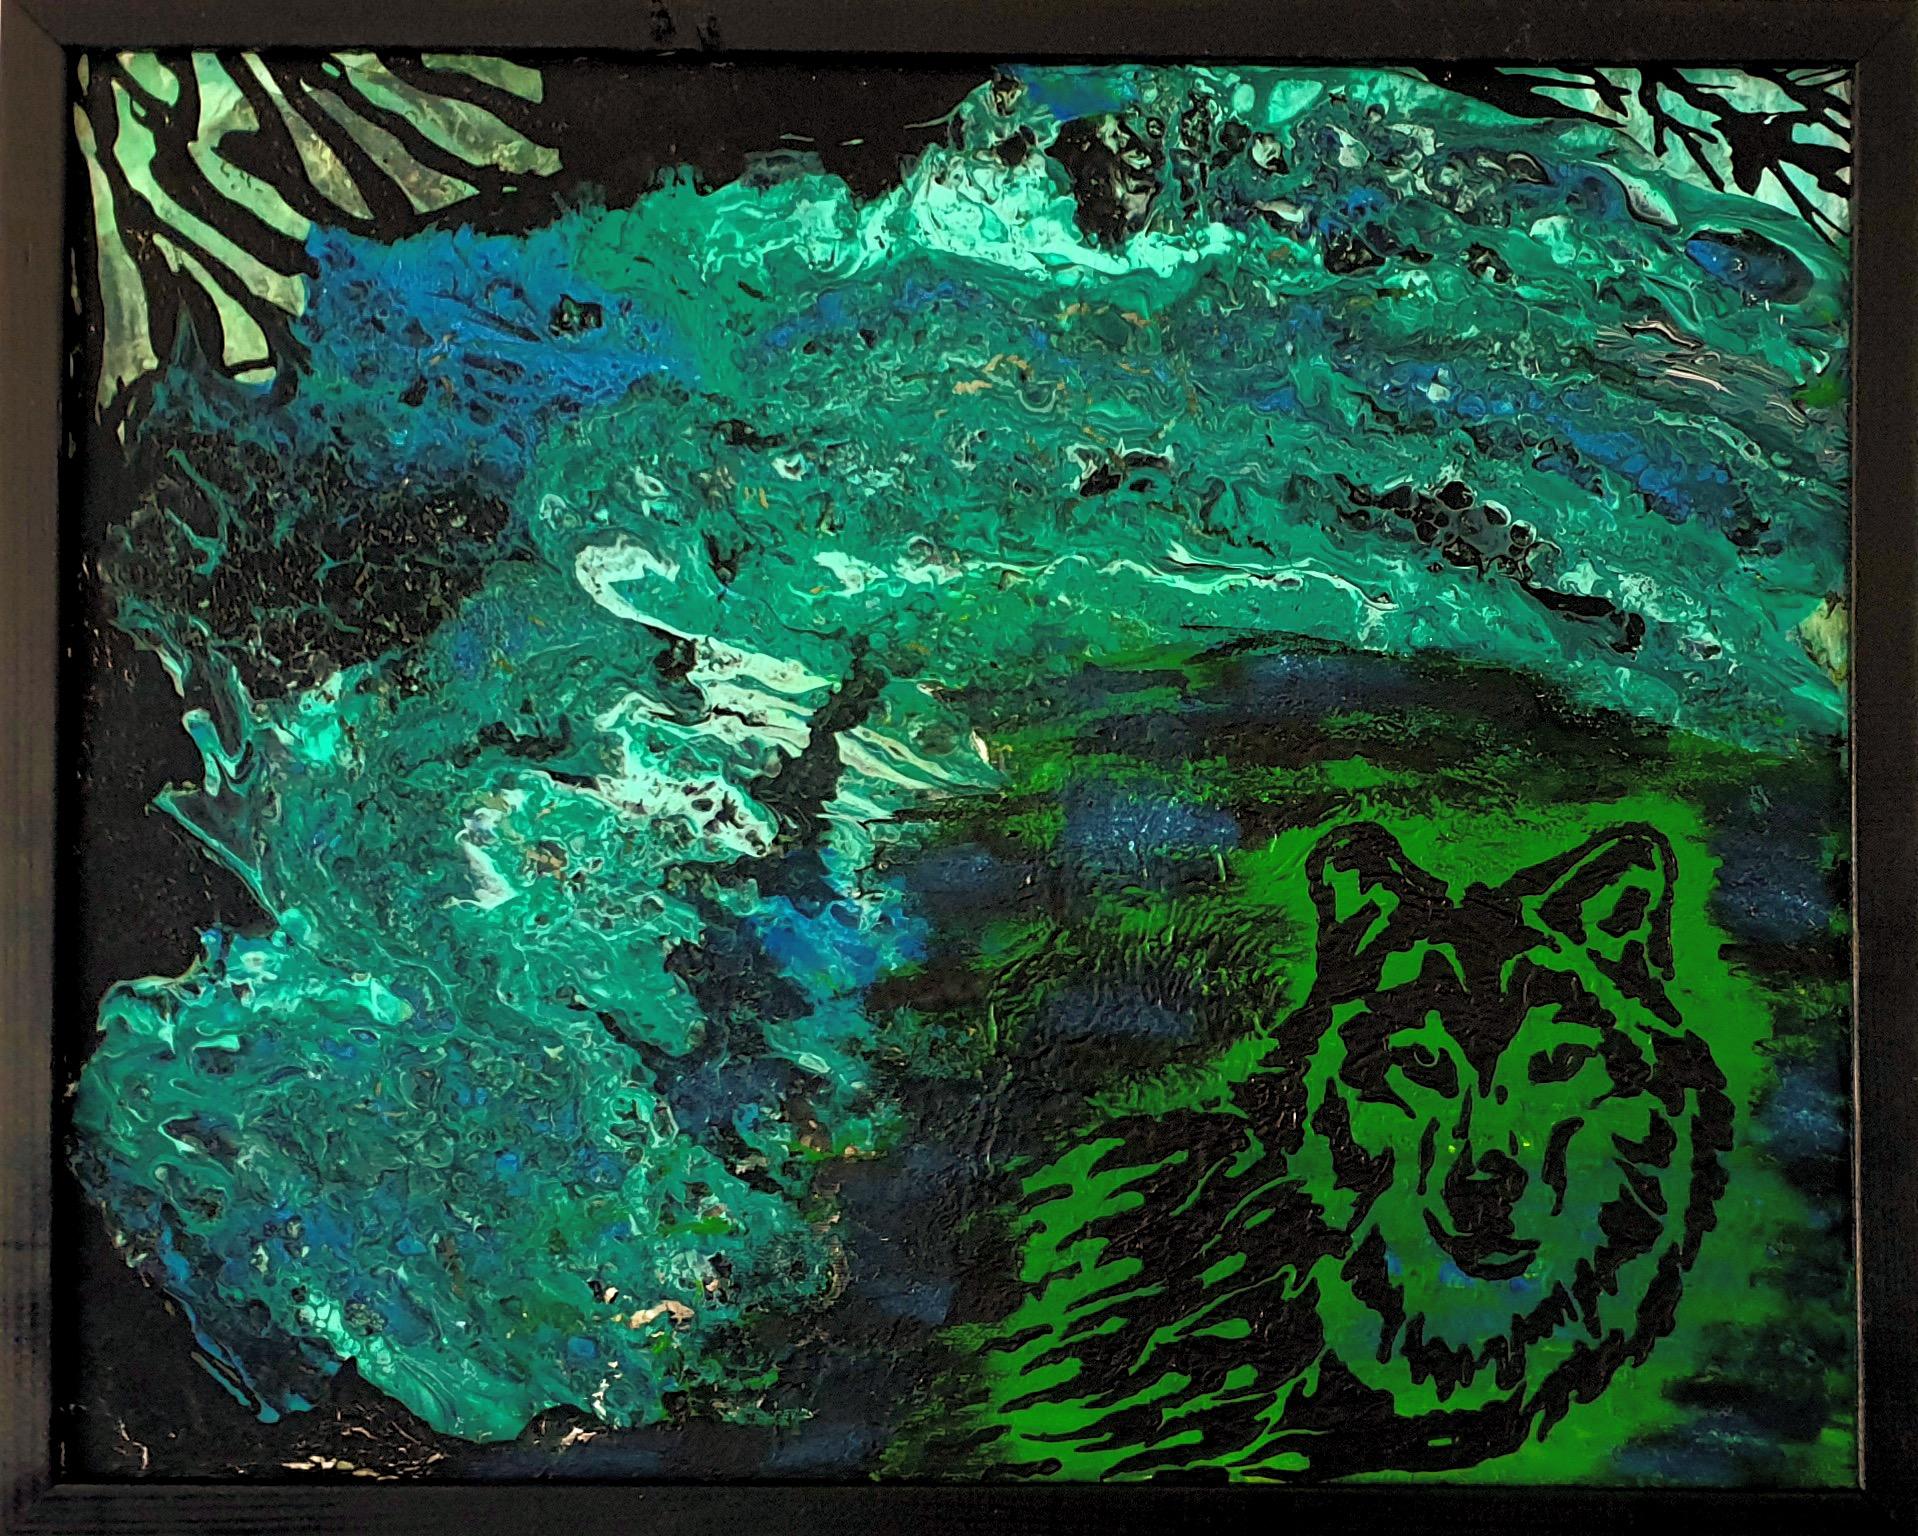 """Obraz akryl 54cm x 44cm pt. """"Wilk"""" (2020)"""